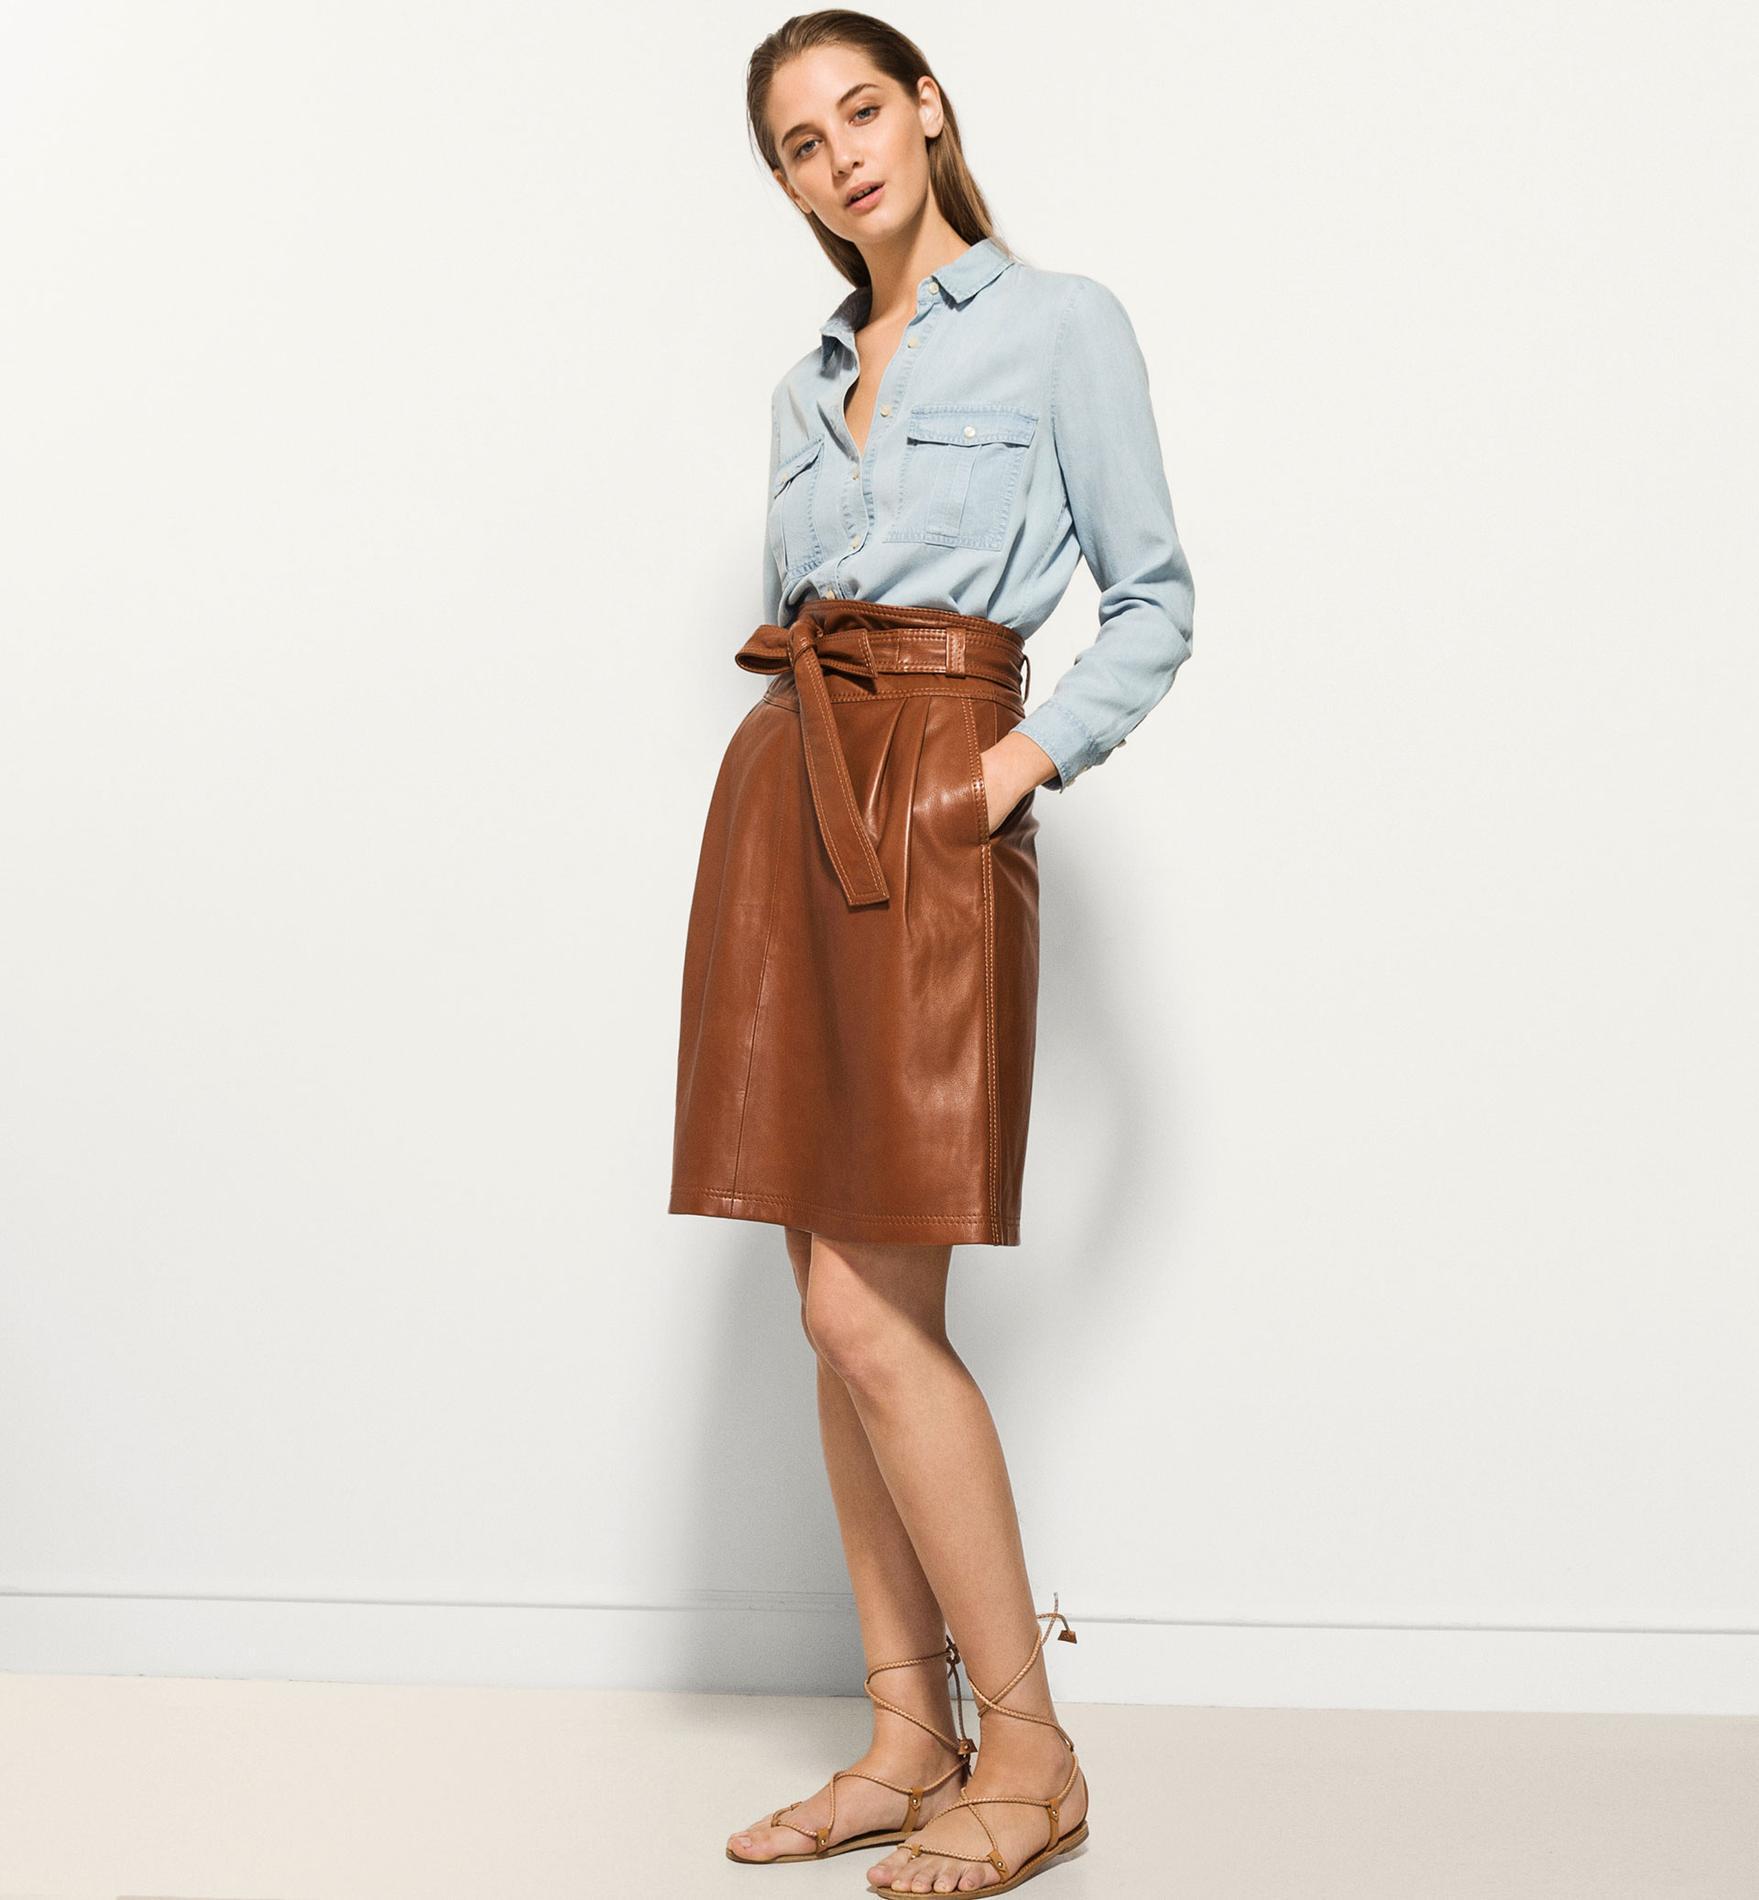 177a254440a ... choisir sa jupe en fonction de sa morphologie   la plissée par COS Bien  choisir sa jupe en fonction de sa morphologie   la midi par Zara Bien  choisir sa ...